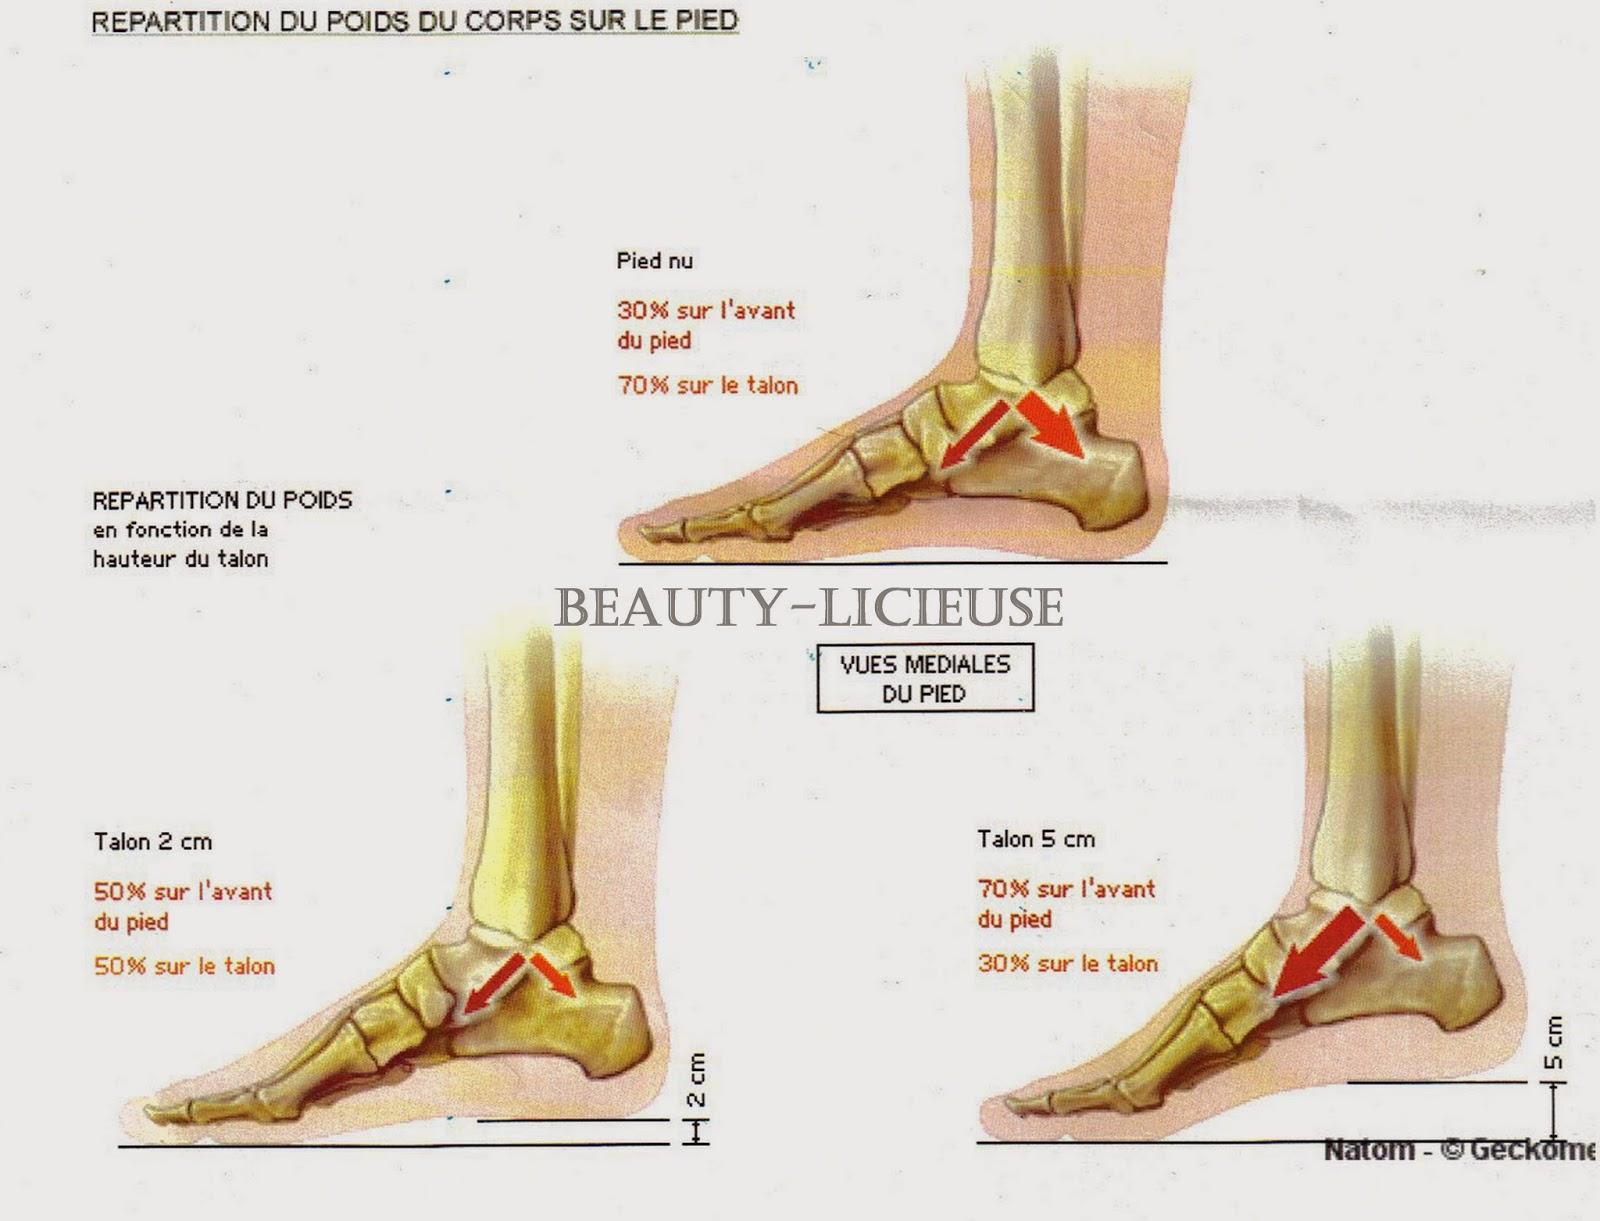 La démangeaison des veines des membres inférieurs des pieds